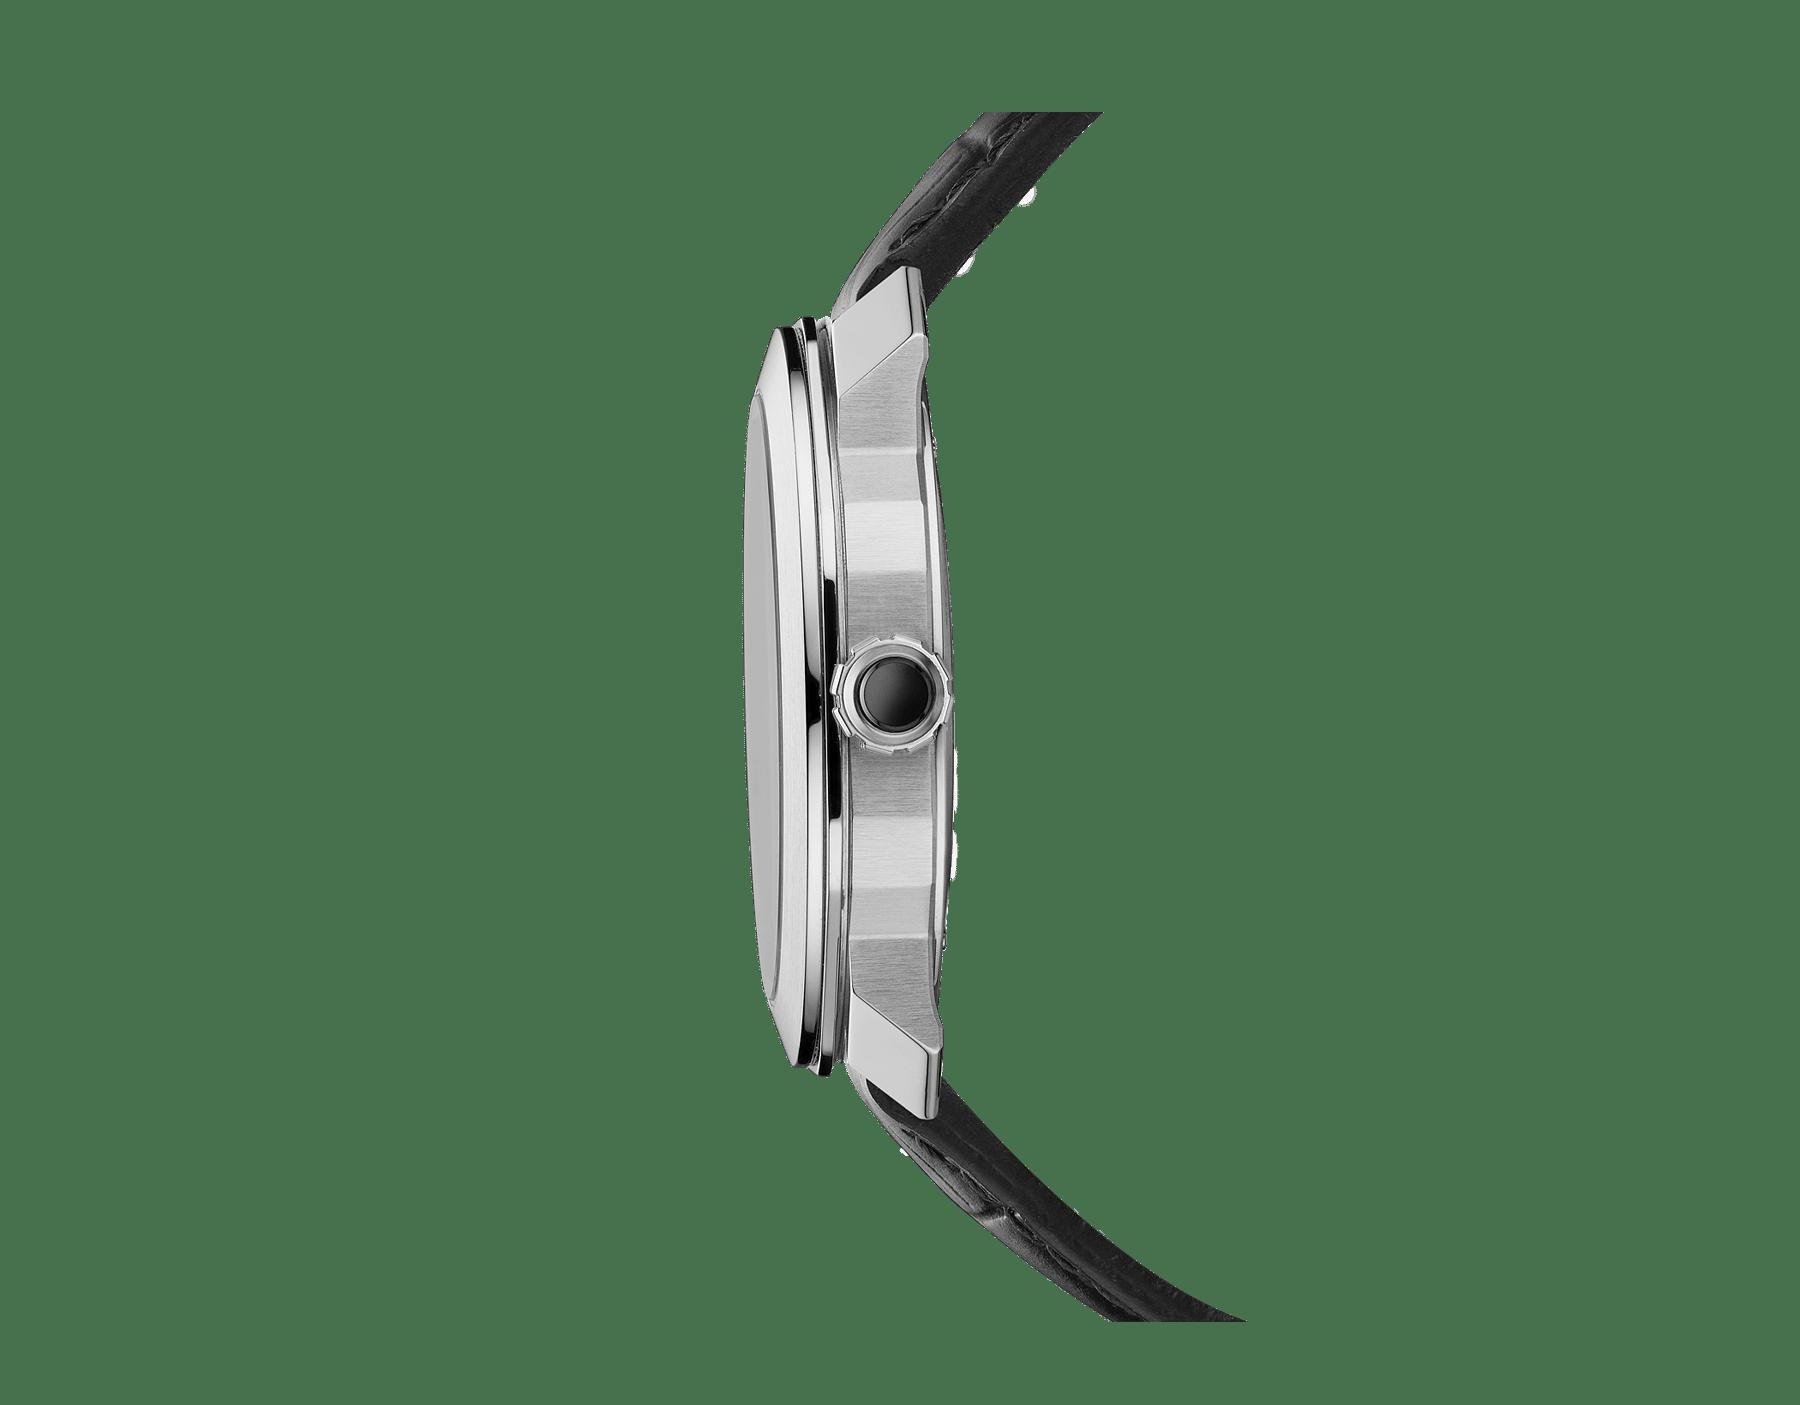 Orologio Octo Roma con movimento meccanico di manifattura a carica automatica e datario, cassa in acciaio inossidabile, fondello a vista, quadrante nero e cinturino in alligatore nero. 103084 image 3